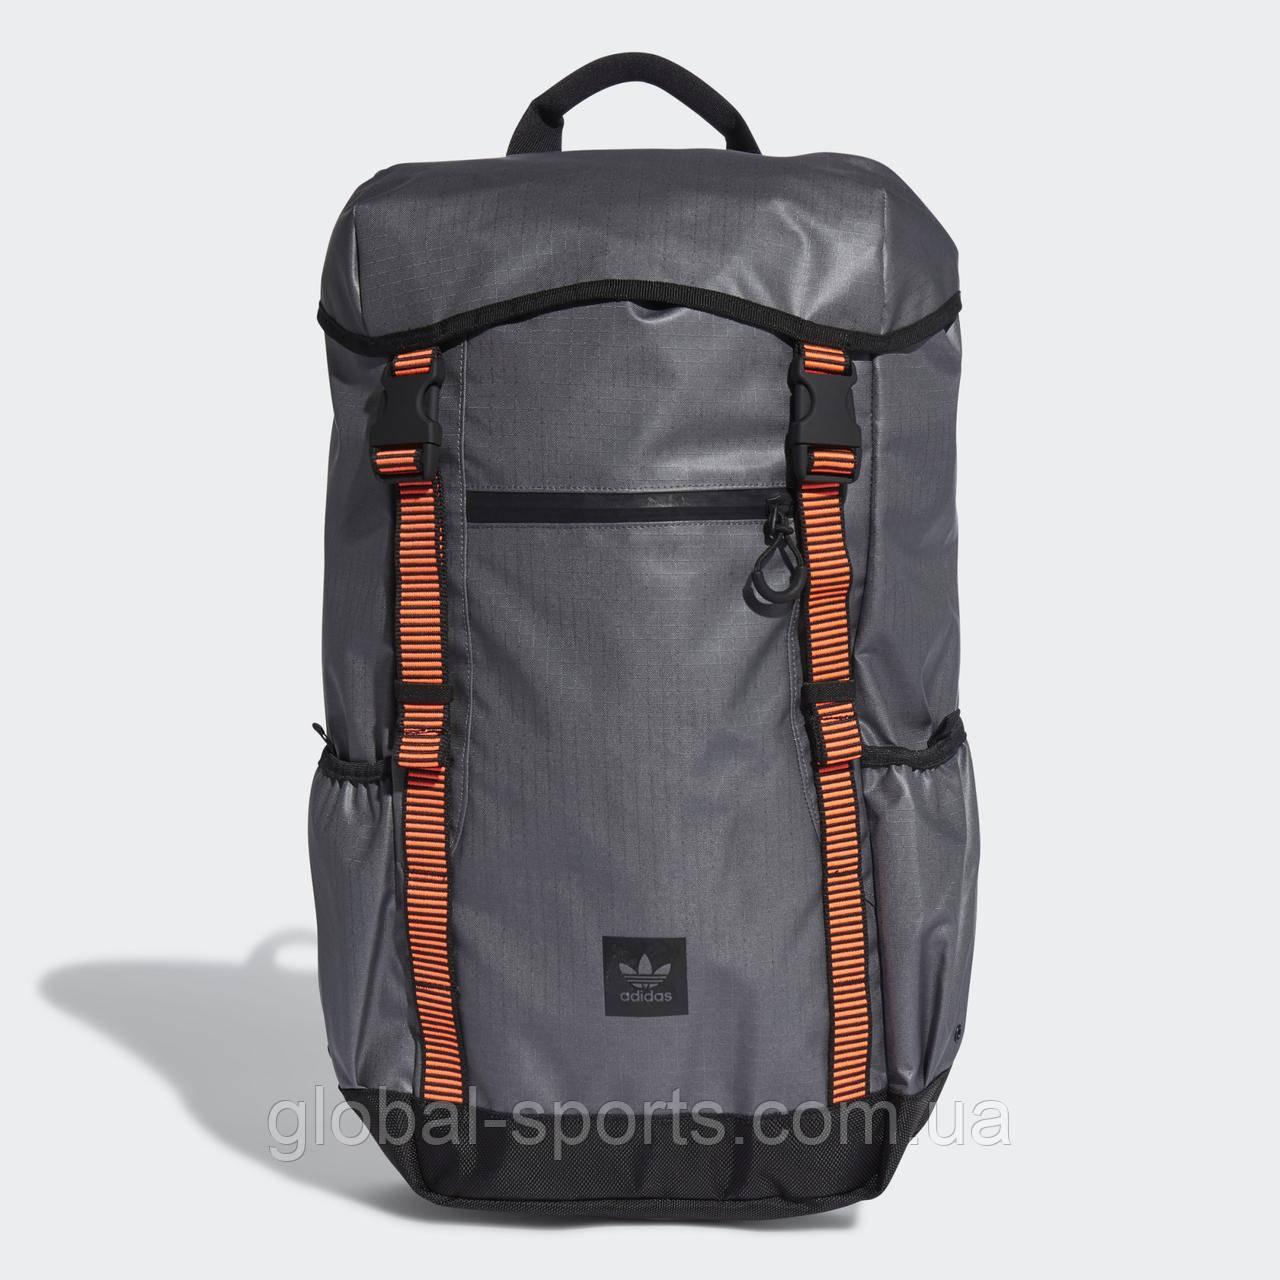 Спортивний рюкзак Adidas Street Toploader Backpack (Артикул: FM1283)